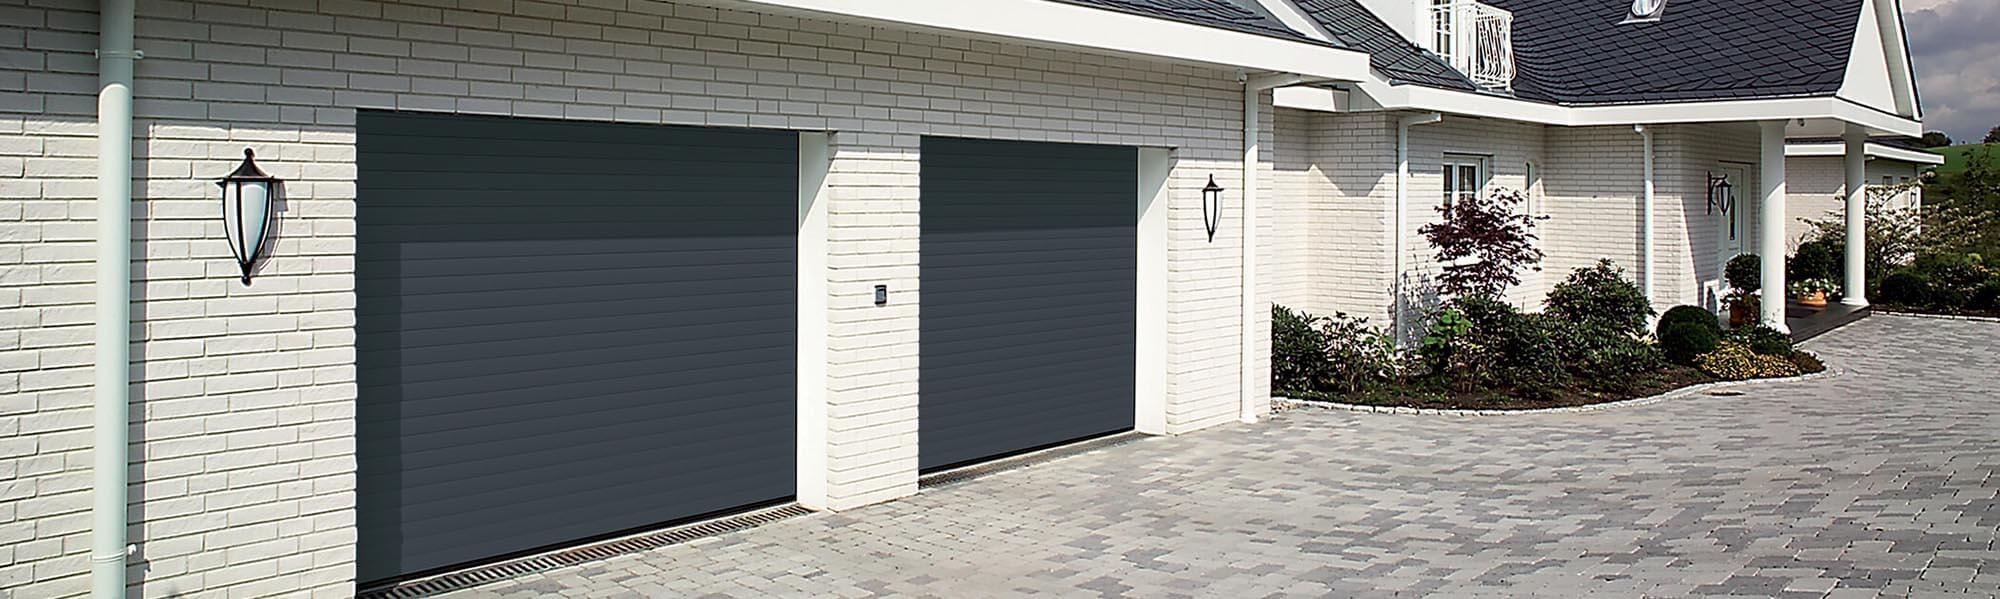 Electric power doors garage door conversion play video rubansaba